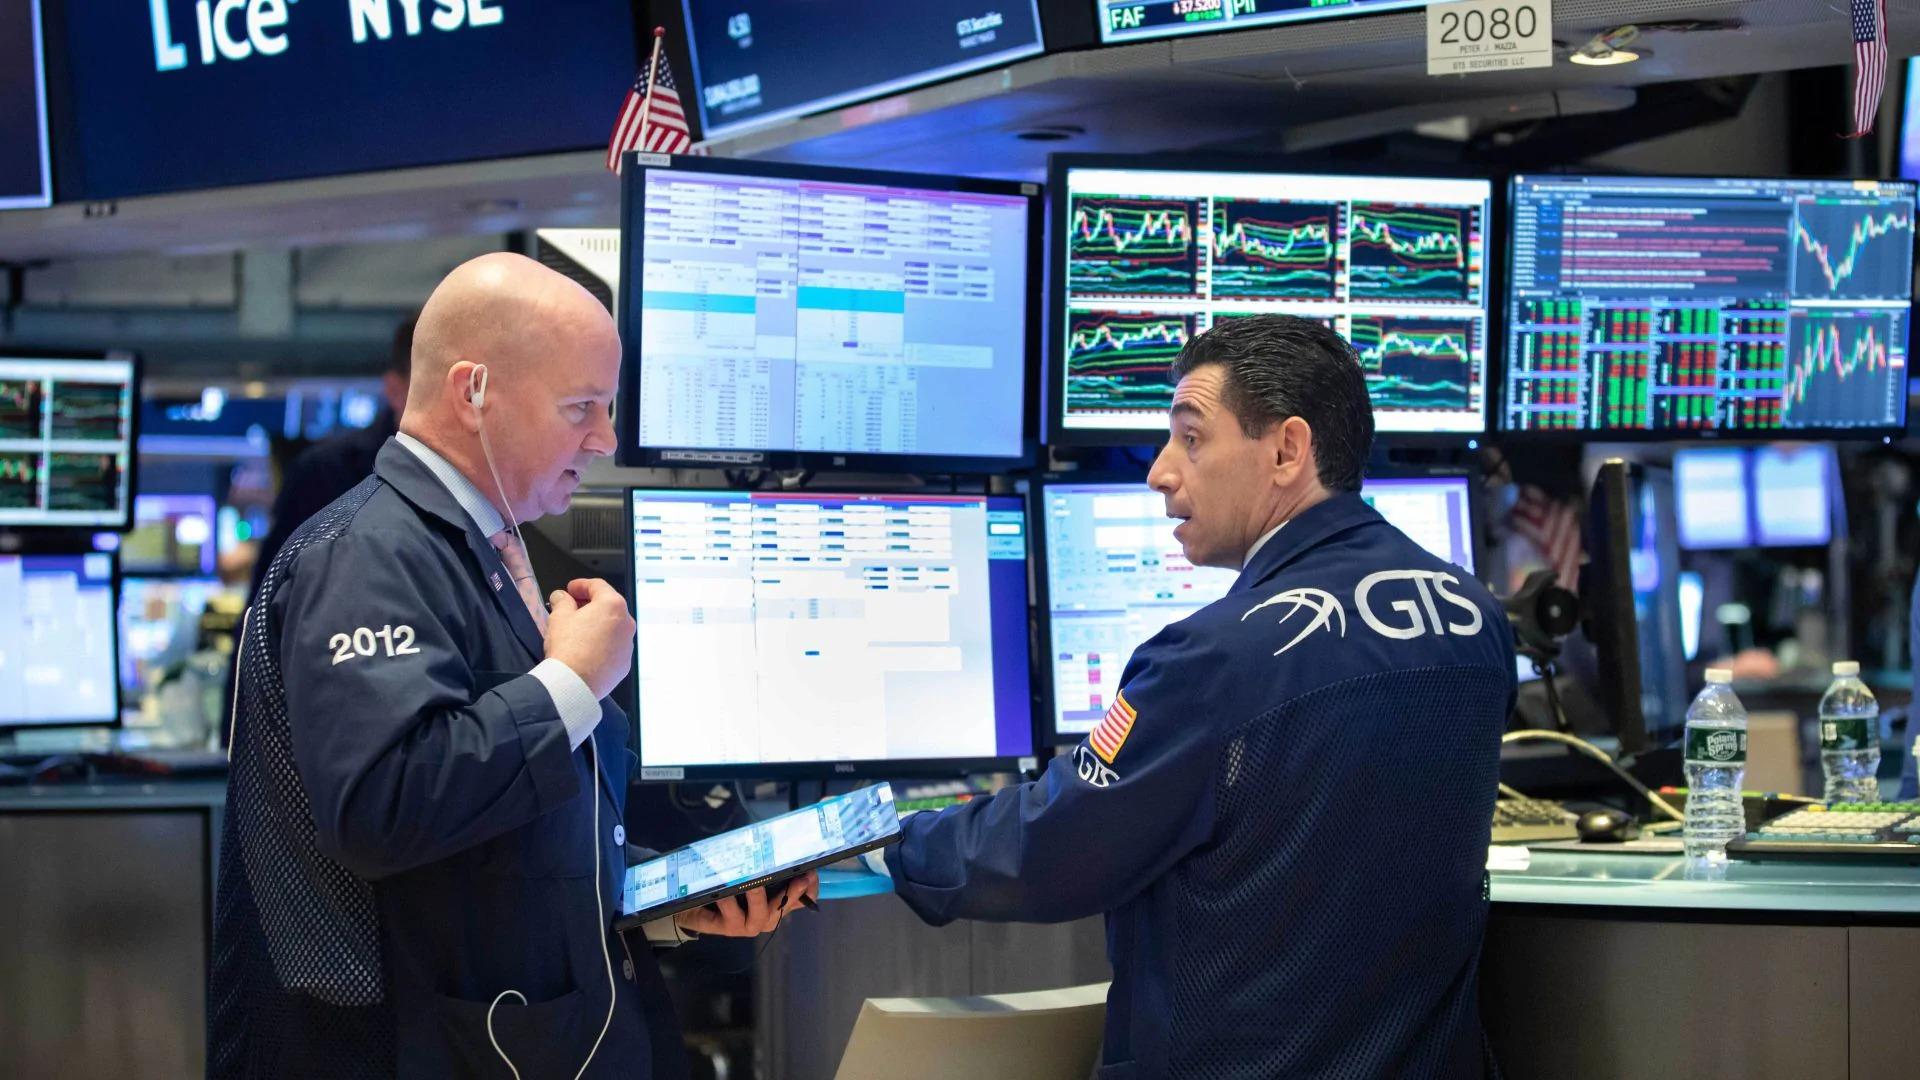 Nhà đầu tư chờ kế hoạch kích thích tài chính tiếp theo, Phố Wall trái chiều